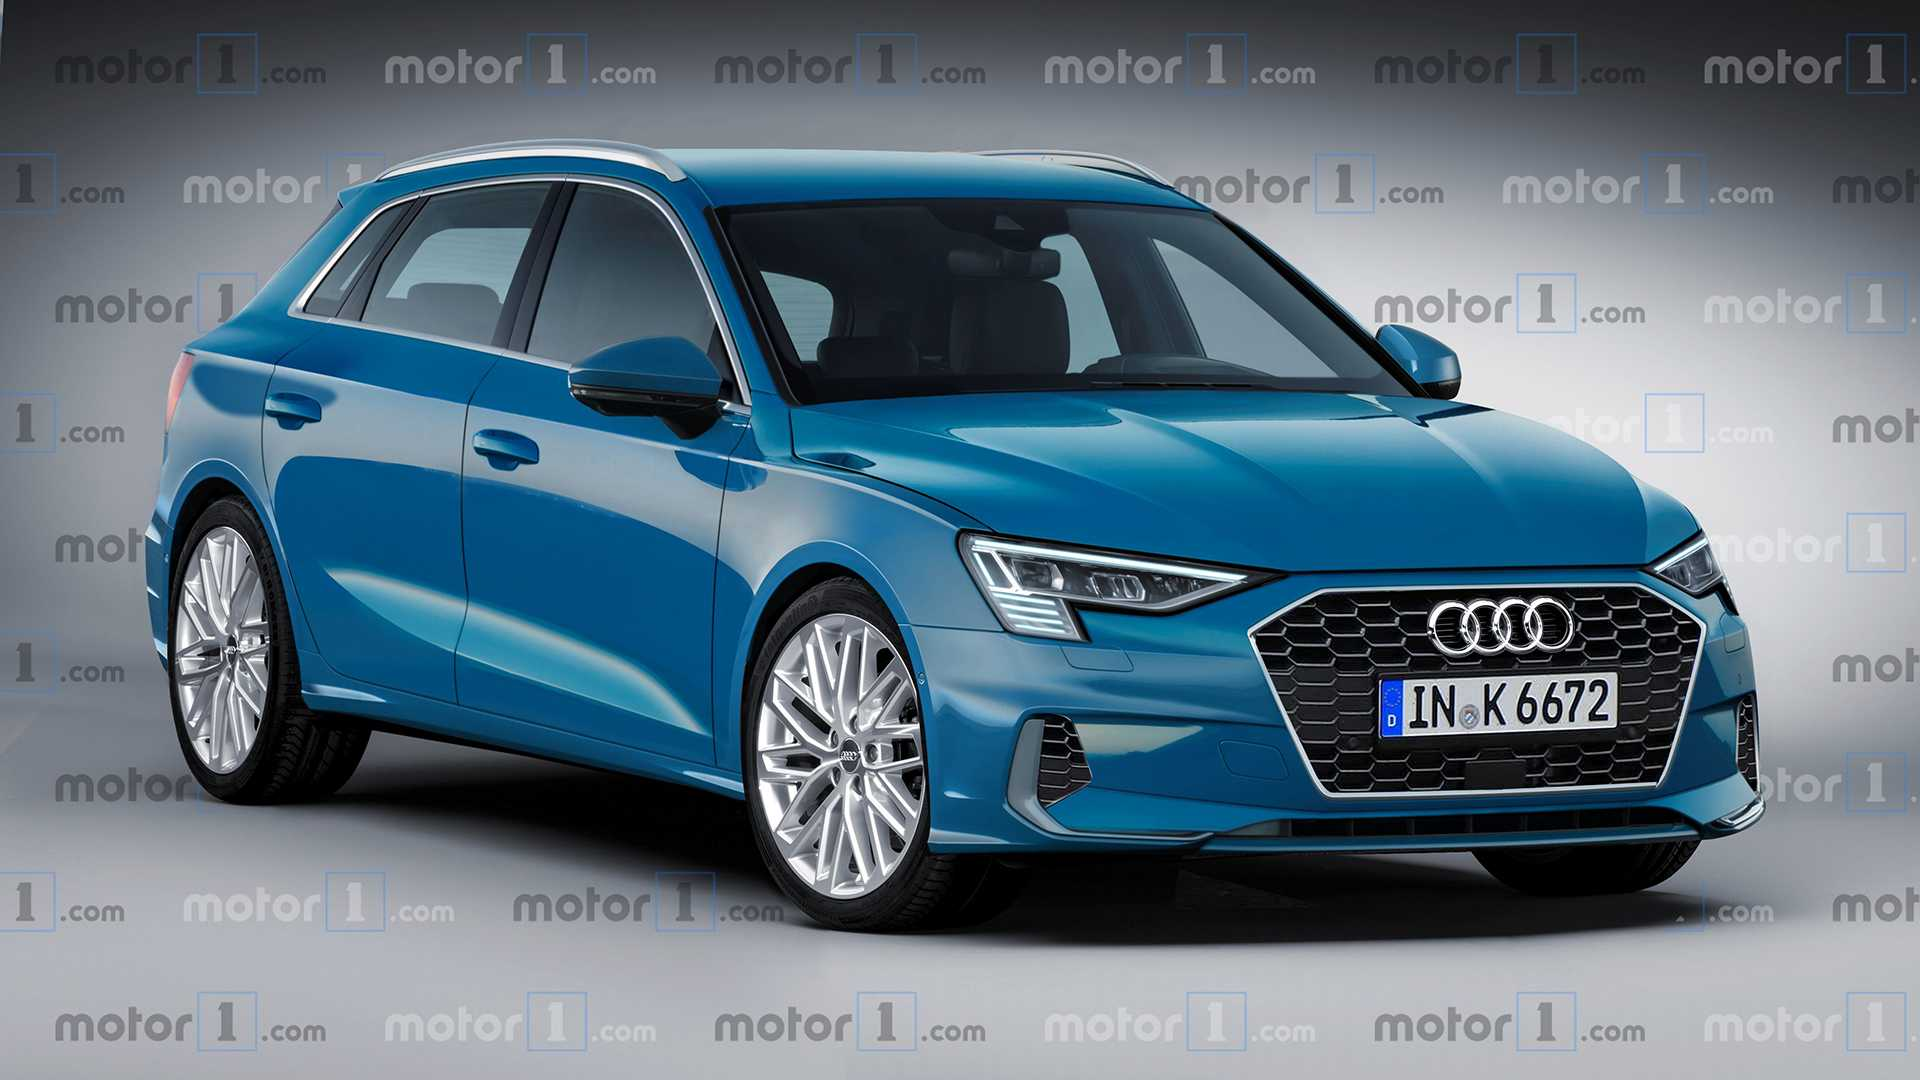 32 New 2020 Audi Q3 Interior Interior with 2020 Audi Q3 Interior